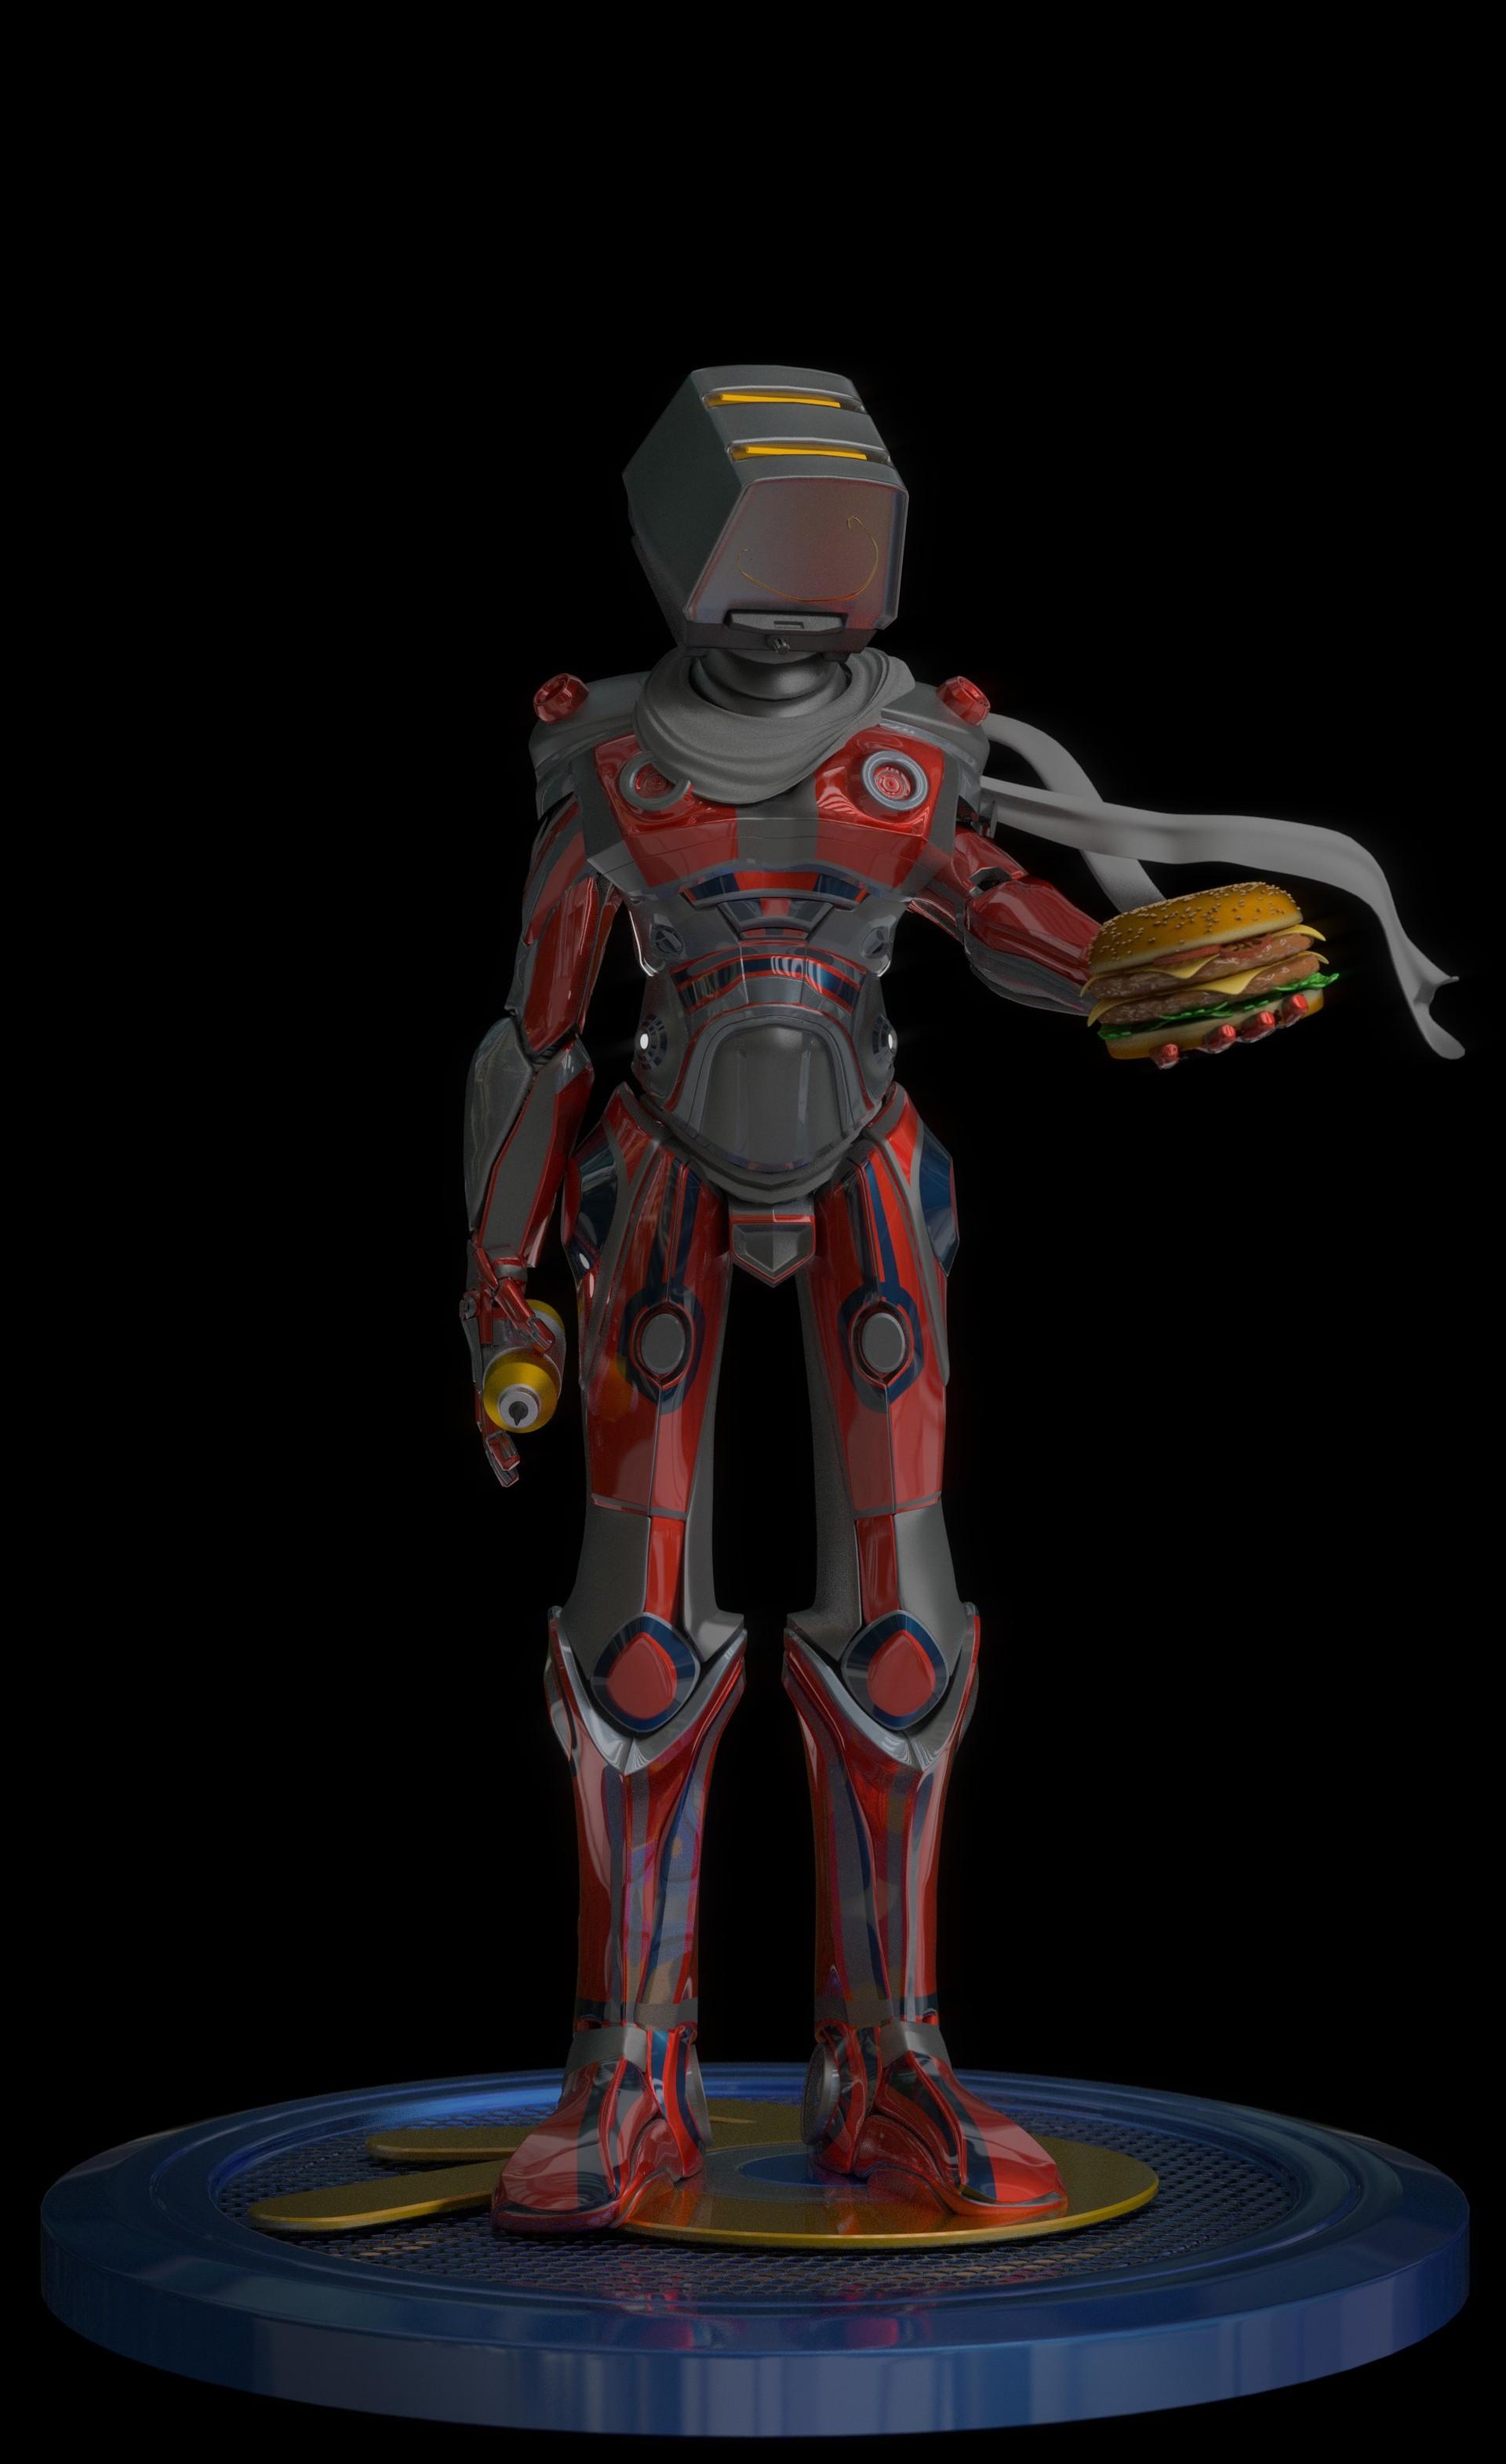 Jerry perkins mx1001 burgerbot2